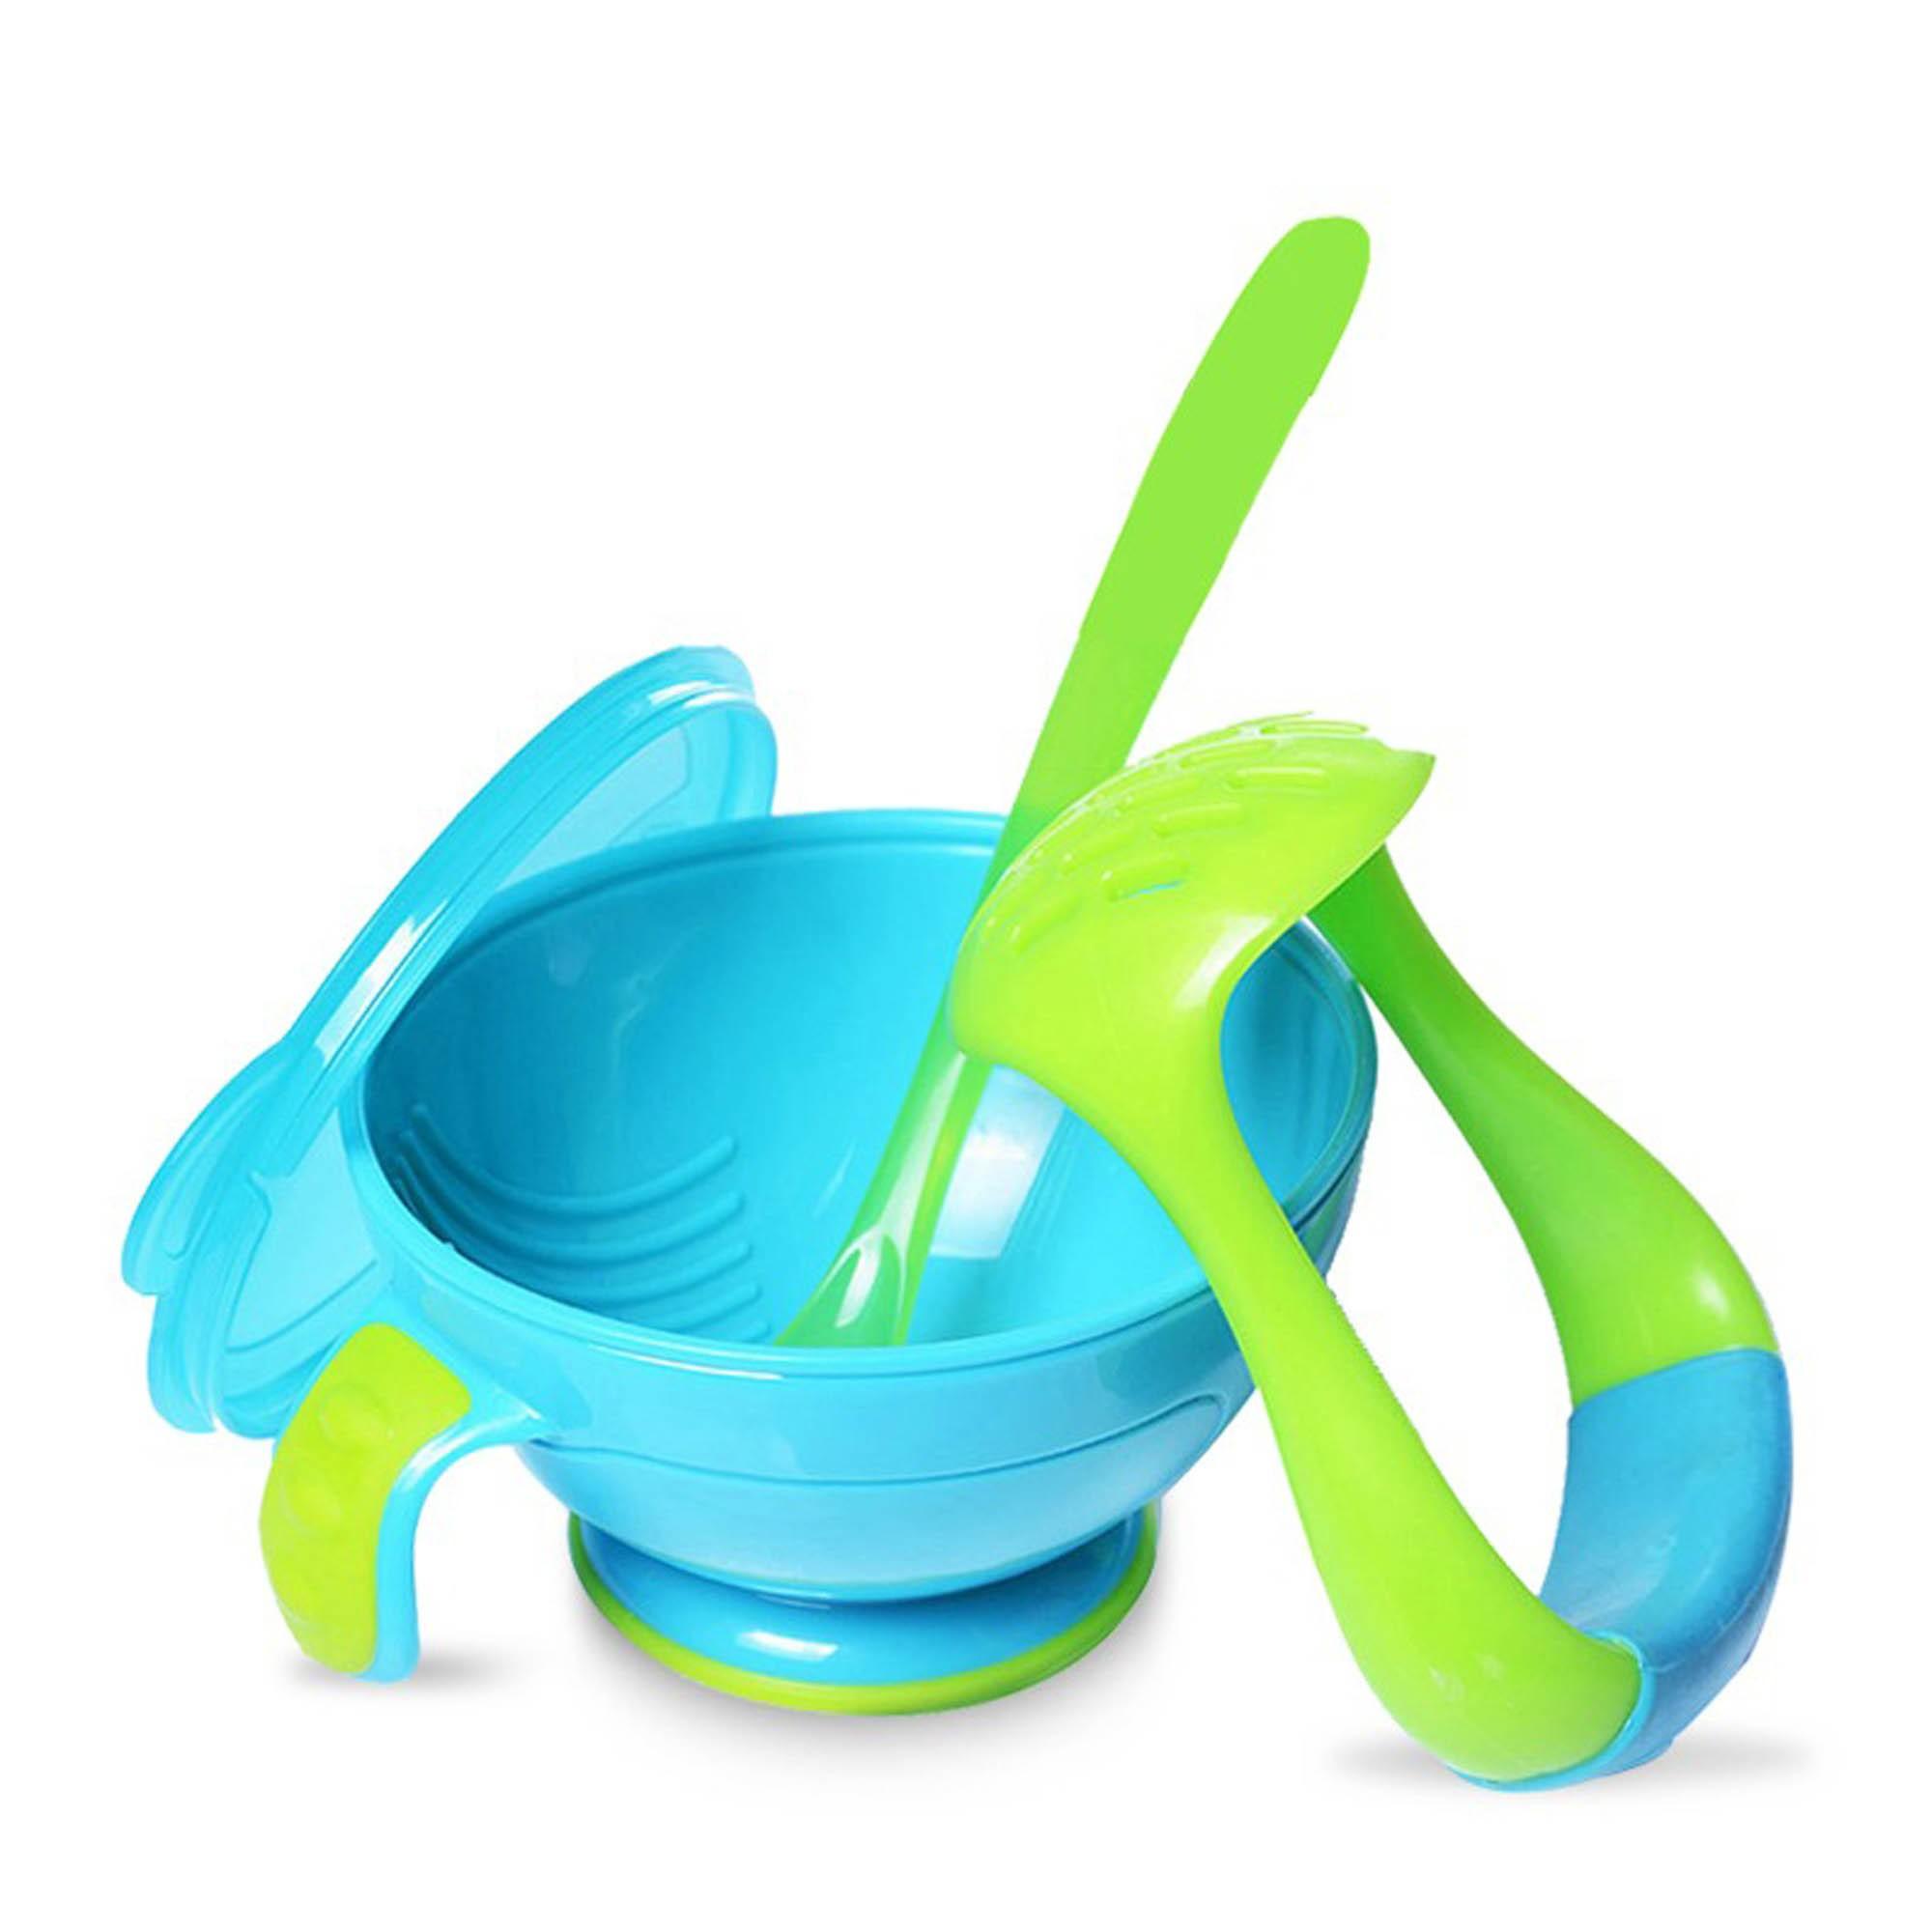 Preparador de Papinhas Cajovil Nûby +4M - Azul